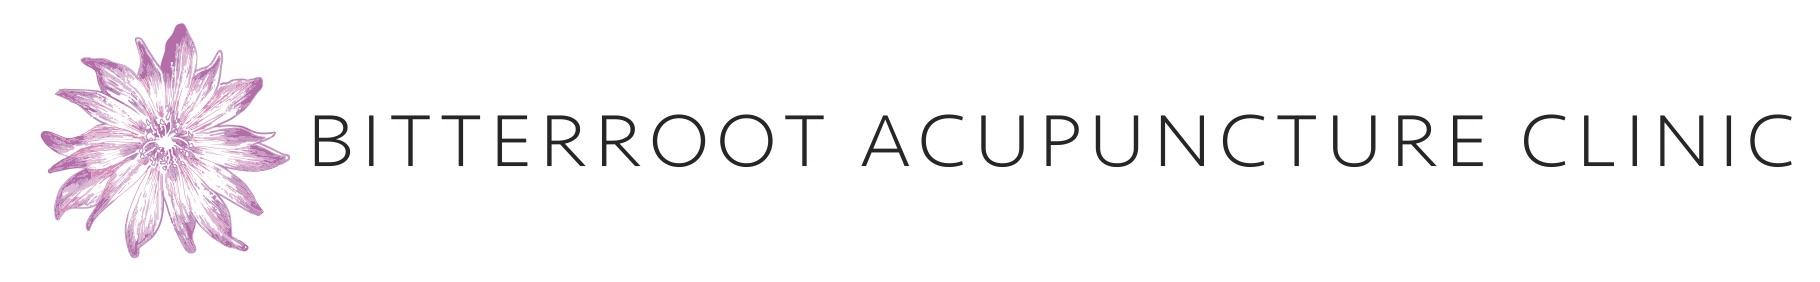 bitterroot accupuncture 1.jpg